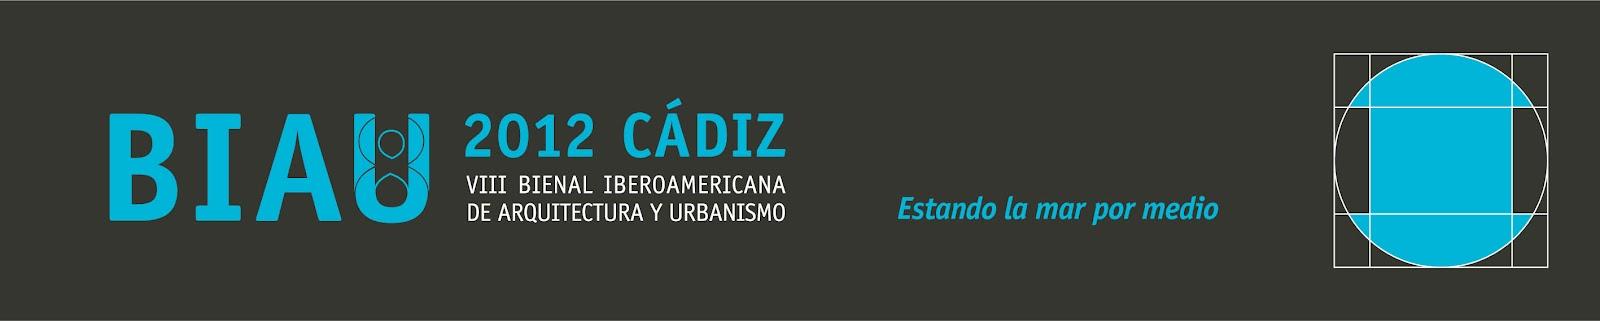 Três projetos brasileiros na 8.ª Bienal Ibero-americana de Arquitetura e Urbanismo / Espanha, Divulgação